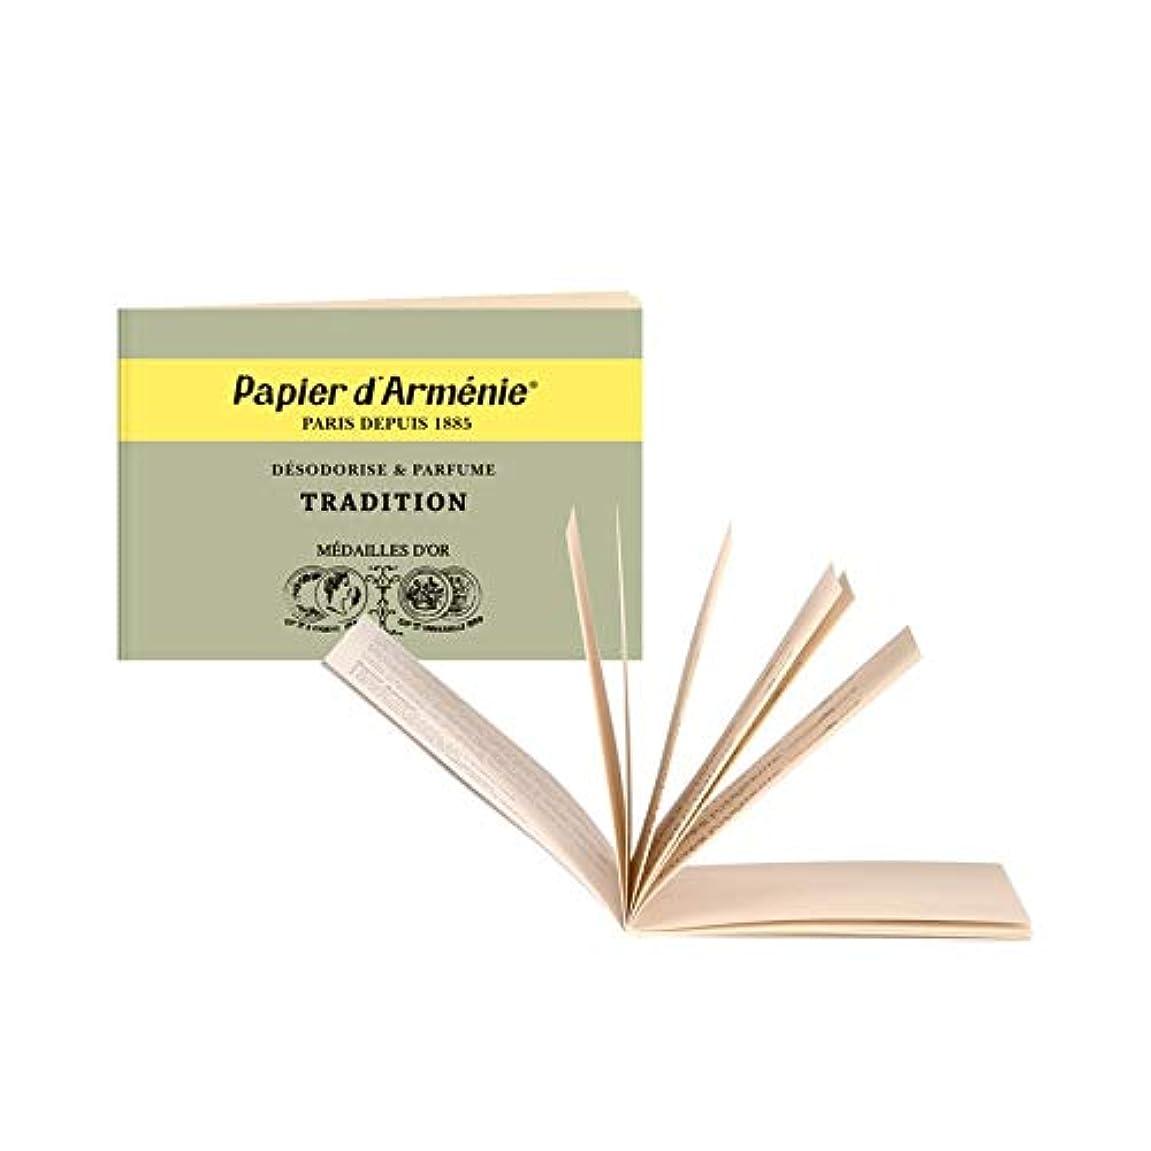 暴力保守可能ふさわしいPapier d'Arménie パピエダルメニイ トリプル 紙のお香 フランス直送 [並行輸入品]